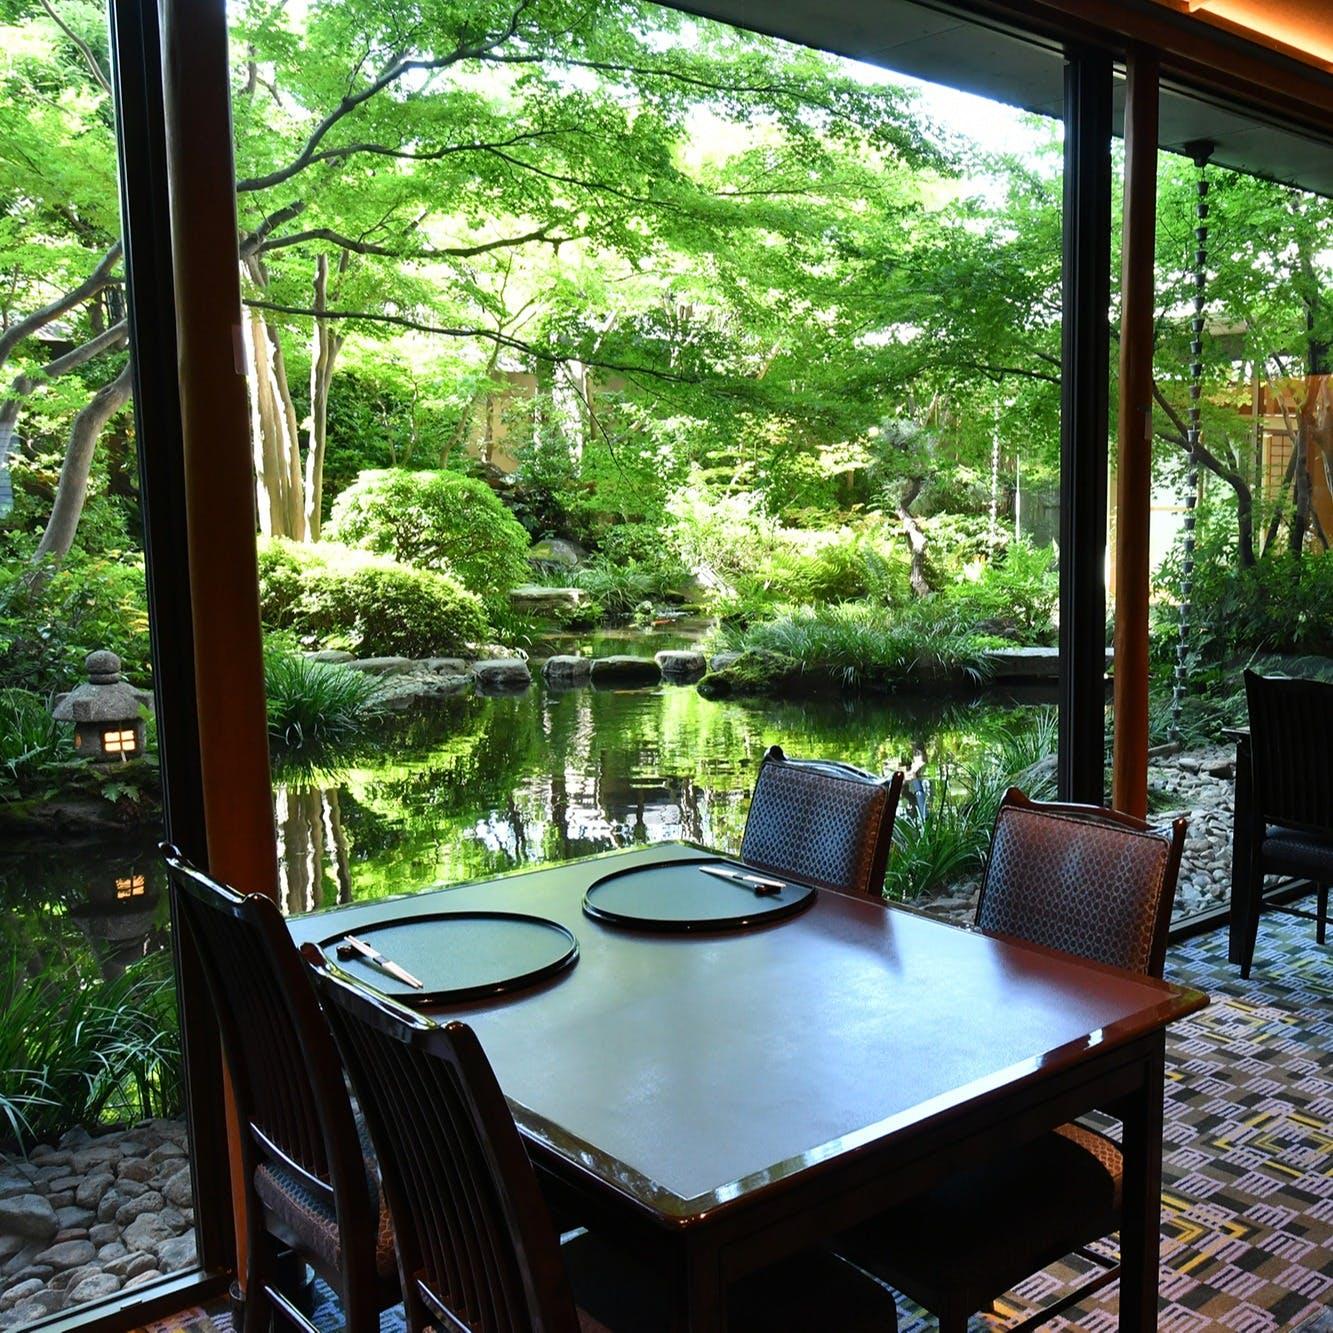 美しい日本庭園を見ながら、非日常の時間を